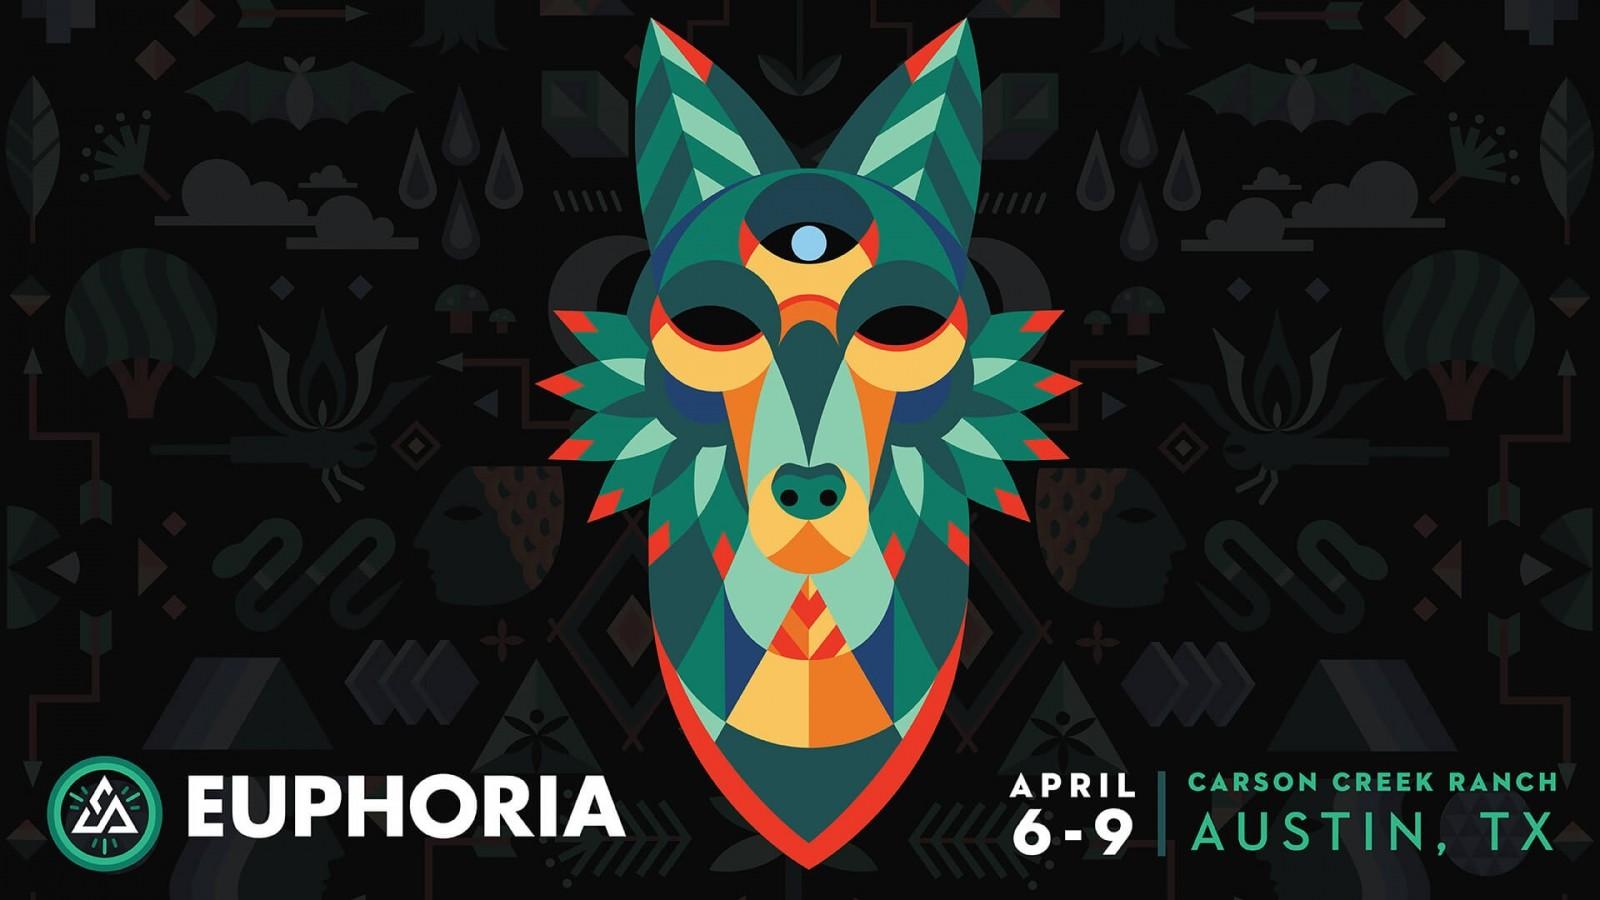 Euphoria2017 mariomiotti musicfestival